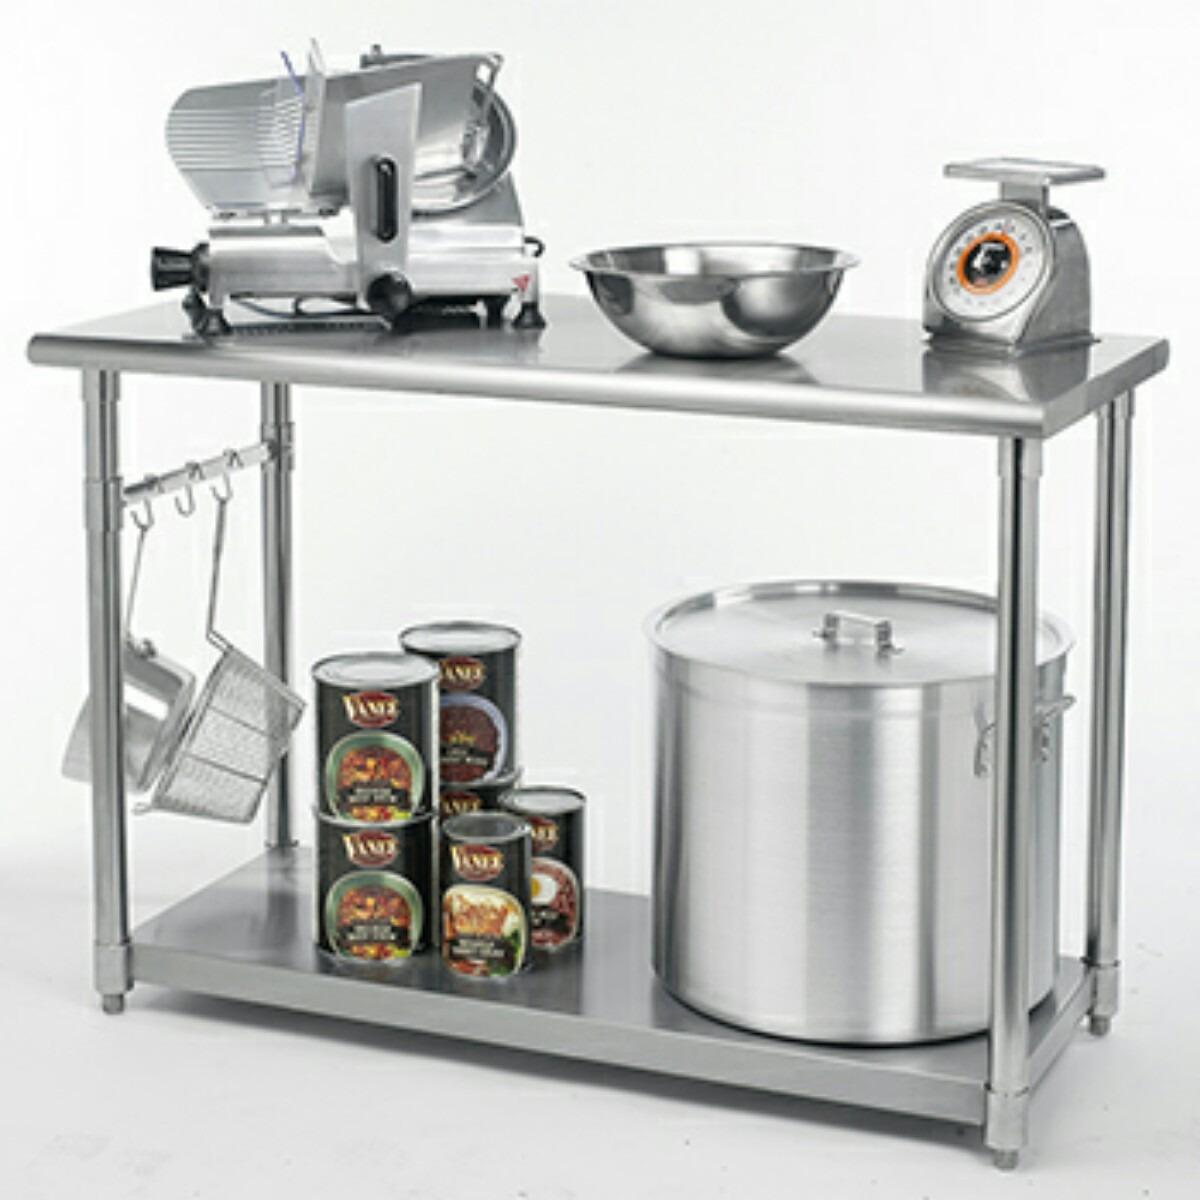 Mesa Acero Inoxidable Mesa De Trabajo Cocina - $ 3,780.00 en Mercado ...